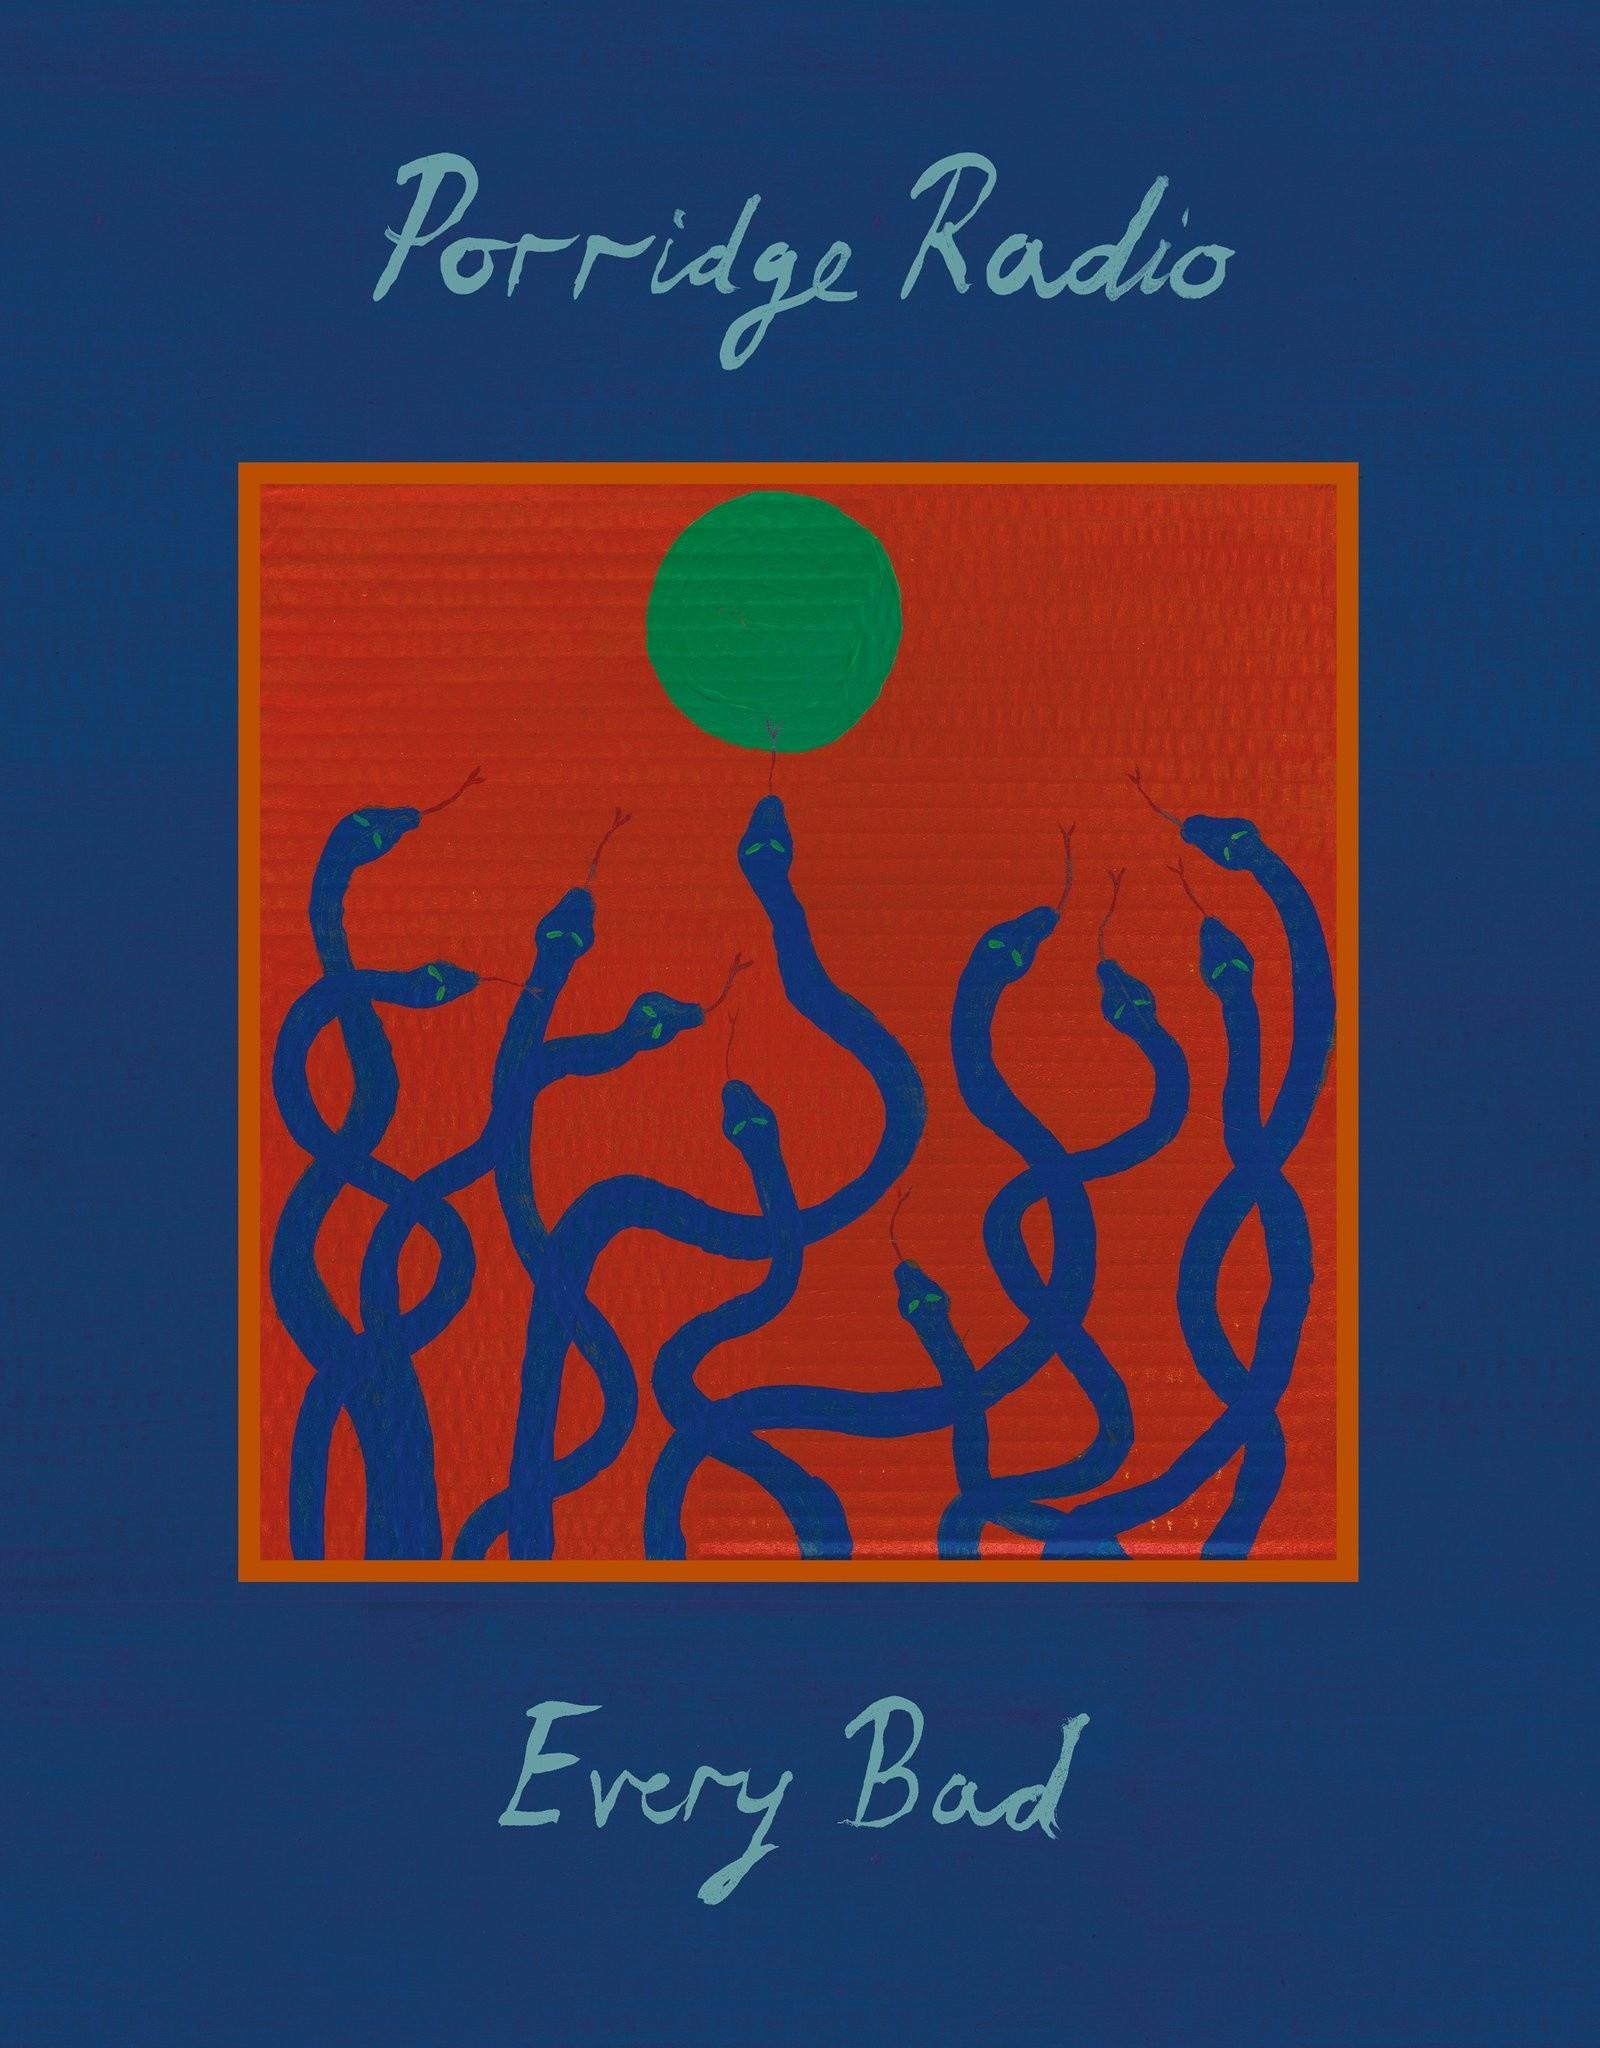 Porridge Radio - Every Bad (Deluxe Edition)(Purple & Blue Nebula 2x Vinyl LP)